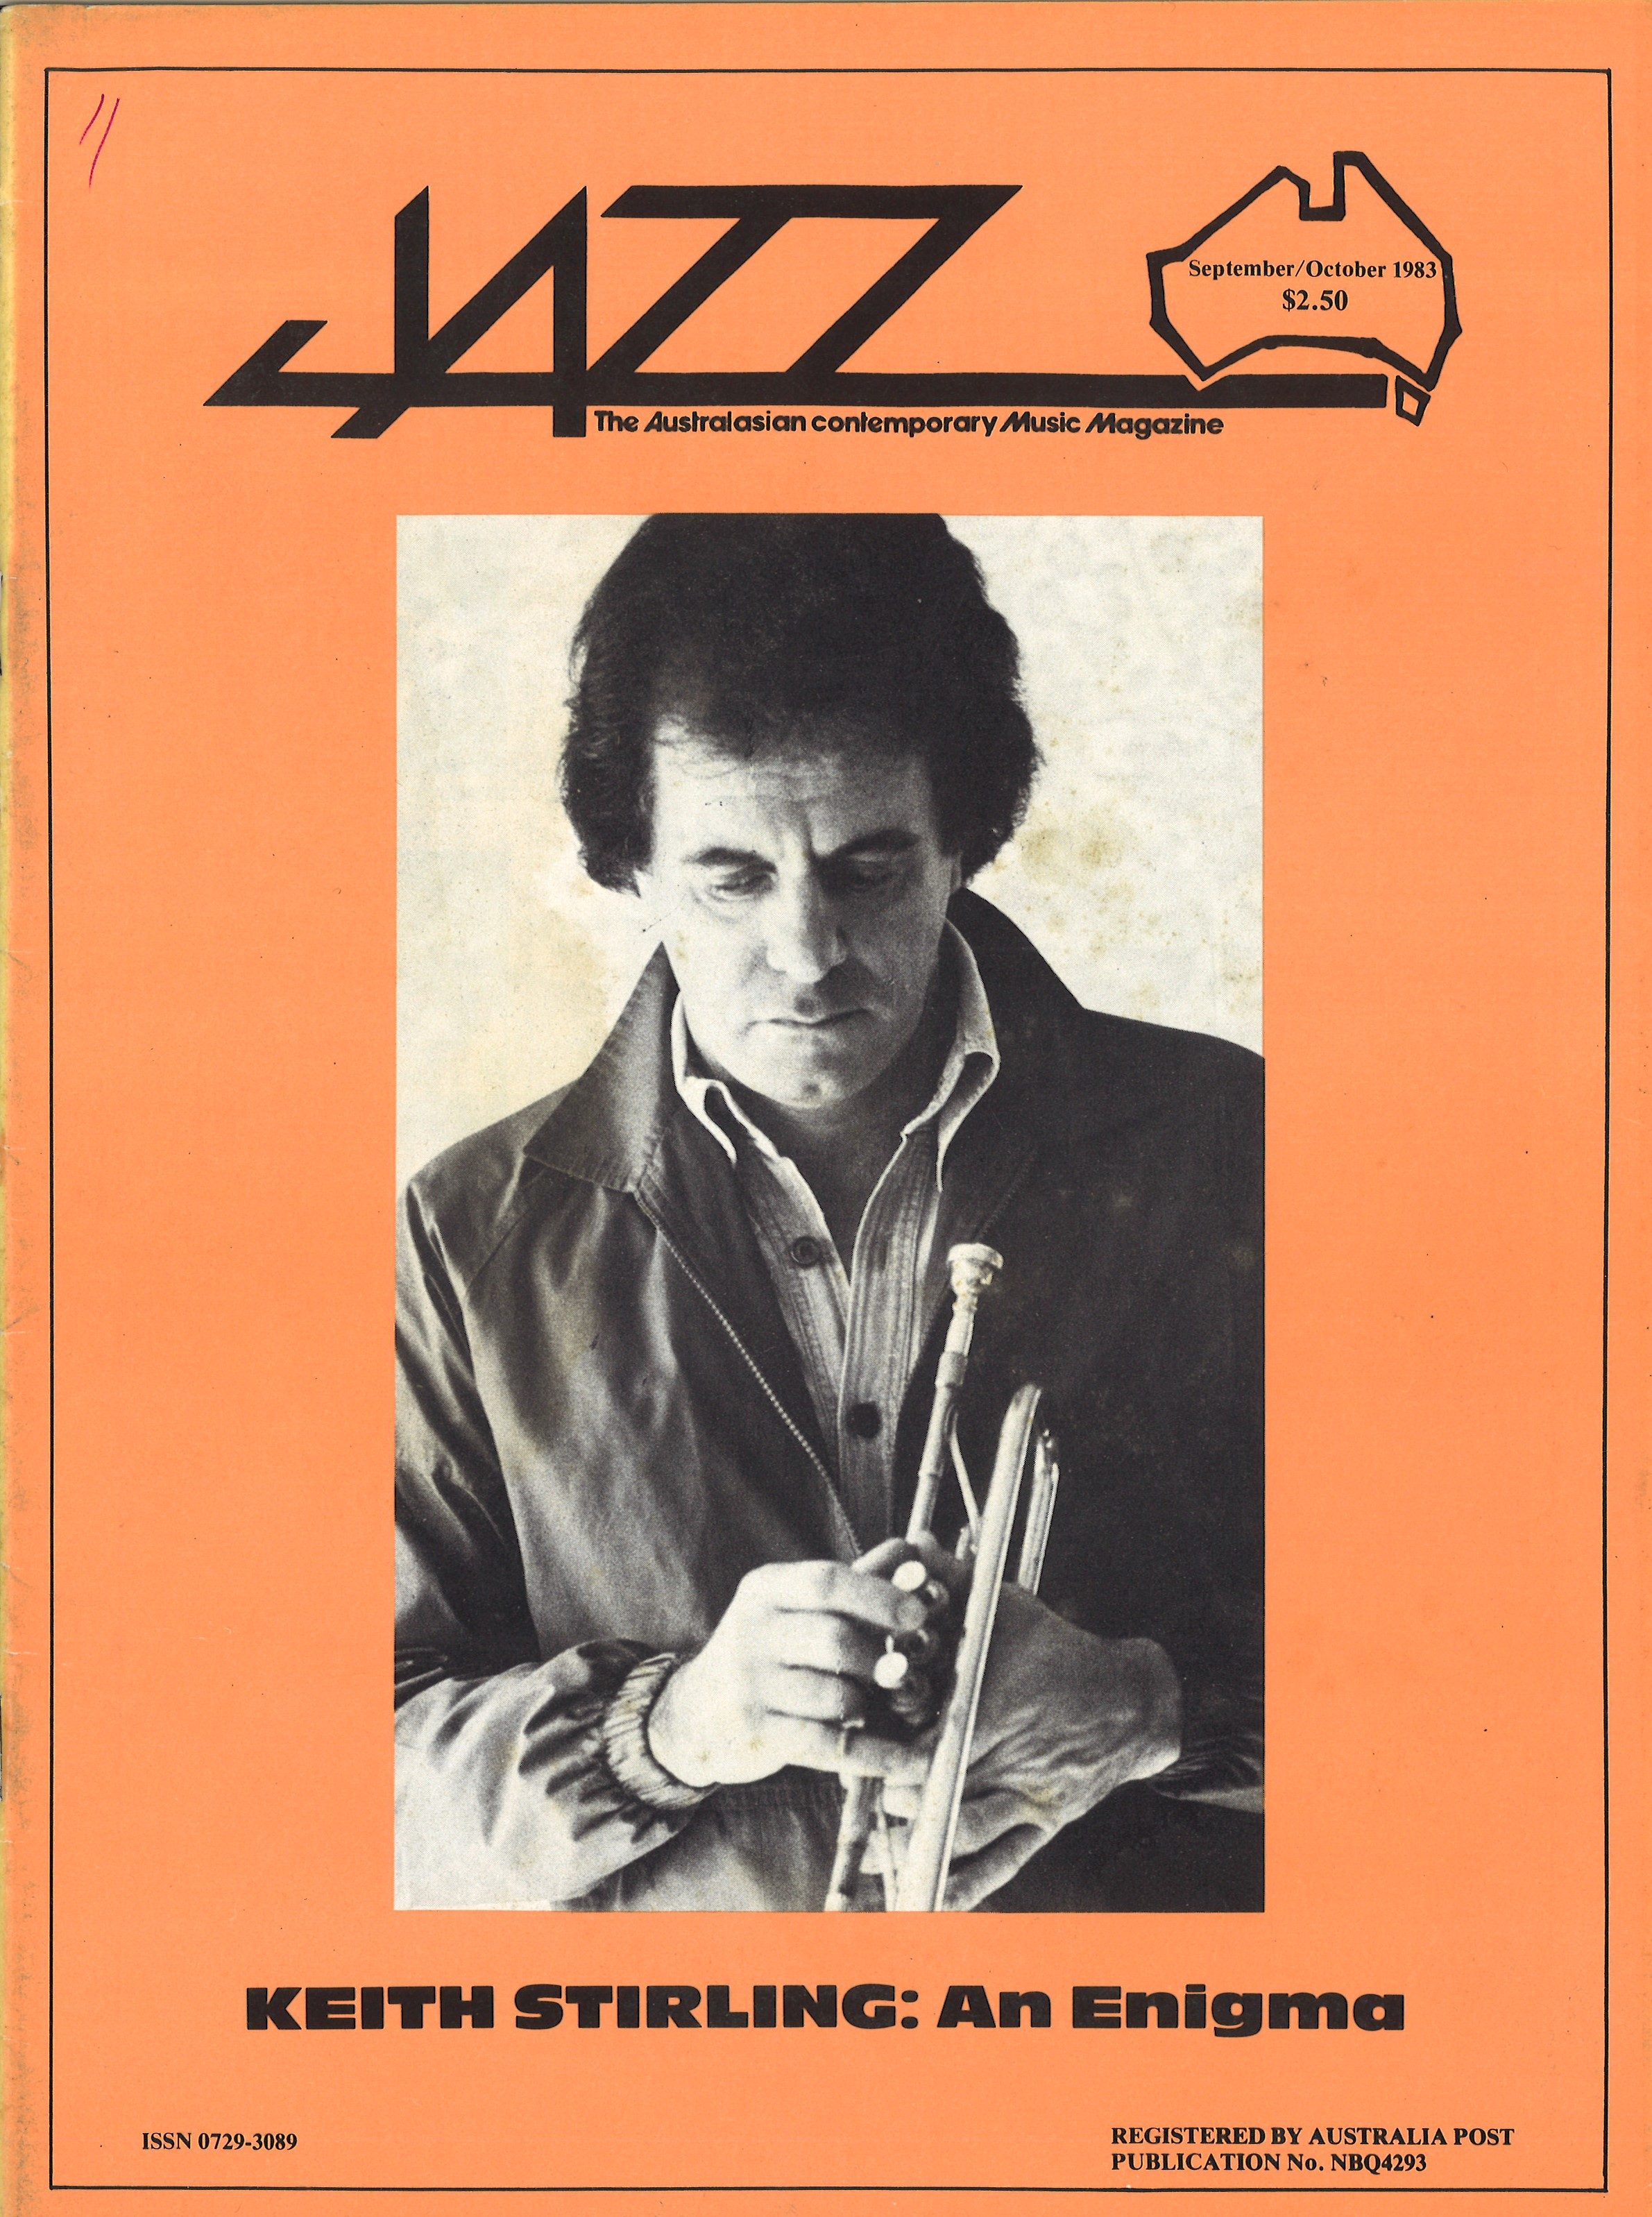 JazzMagazineJulAug1983FrontCover (2).jpg